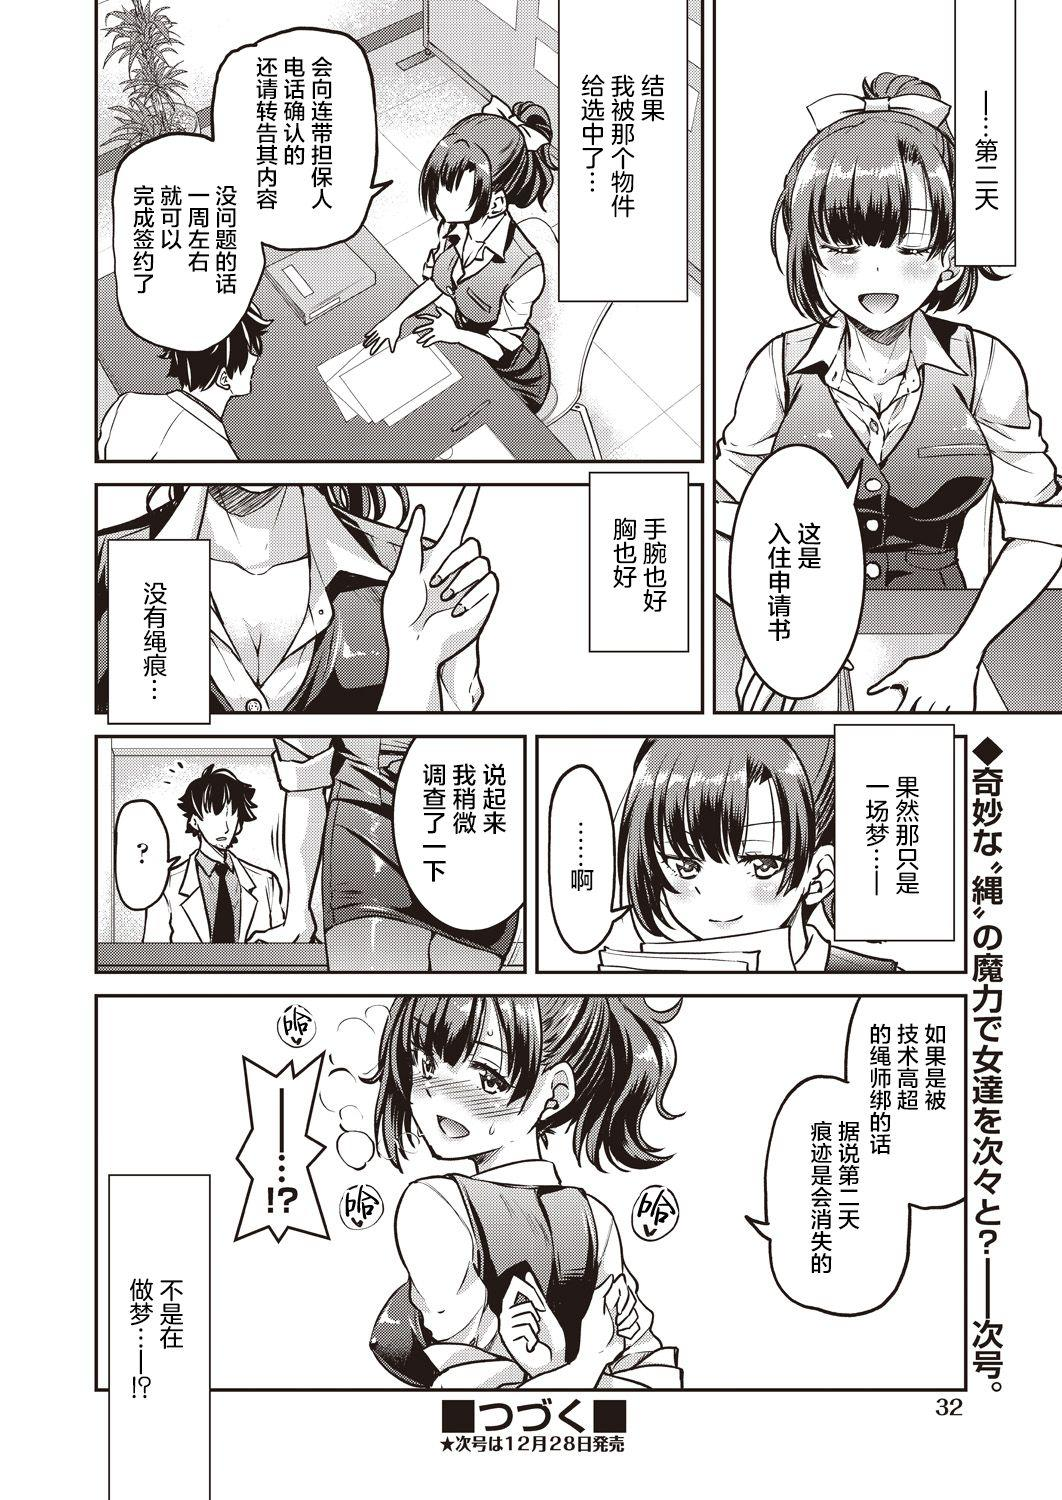 Genjitsu Sekai Cheat Nawashi 1 no Nawa 28